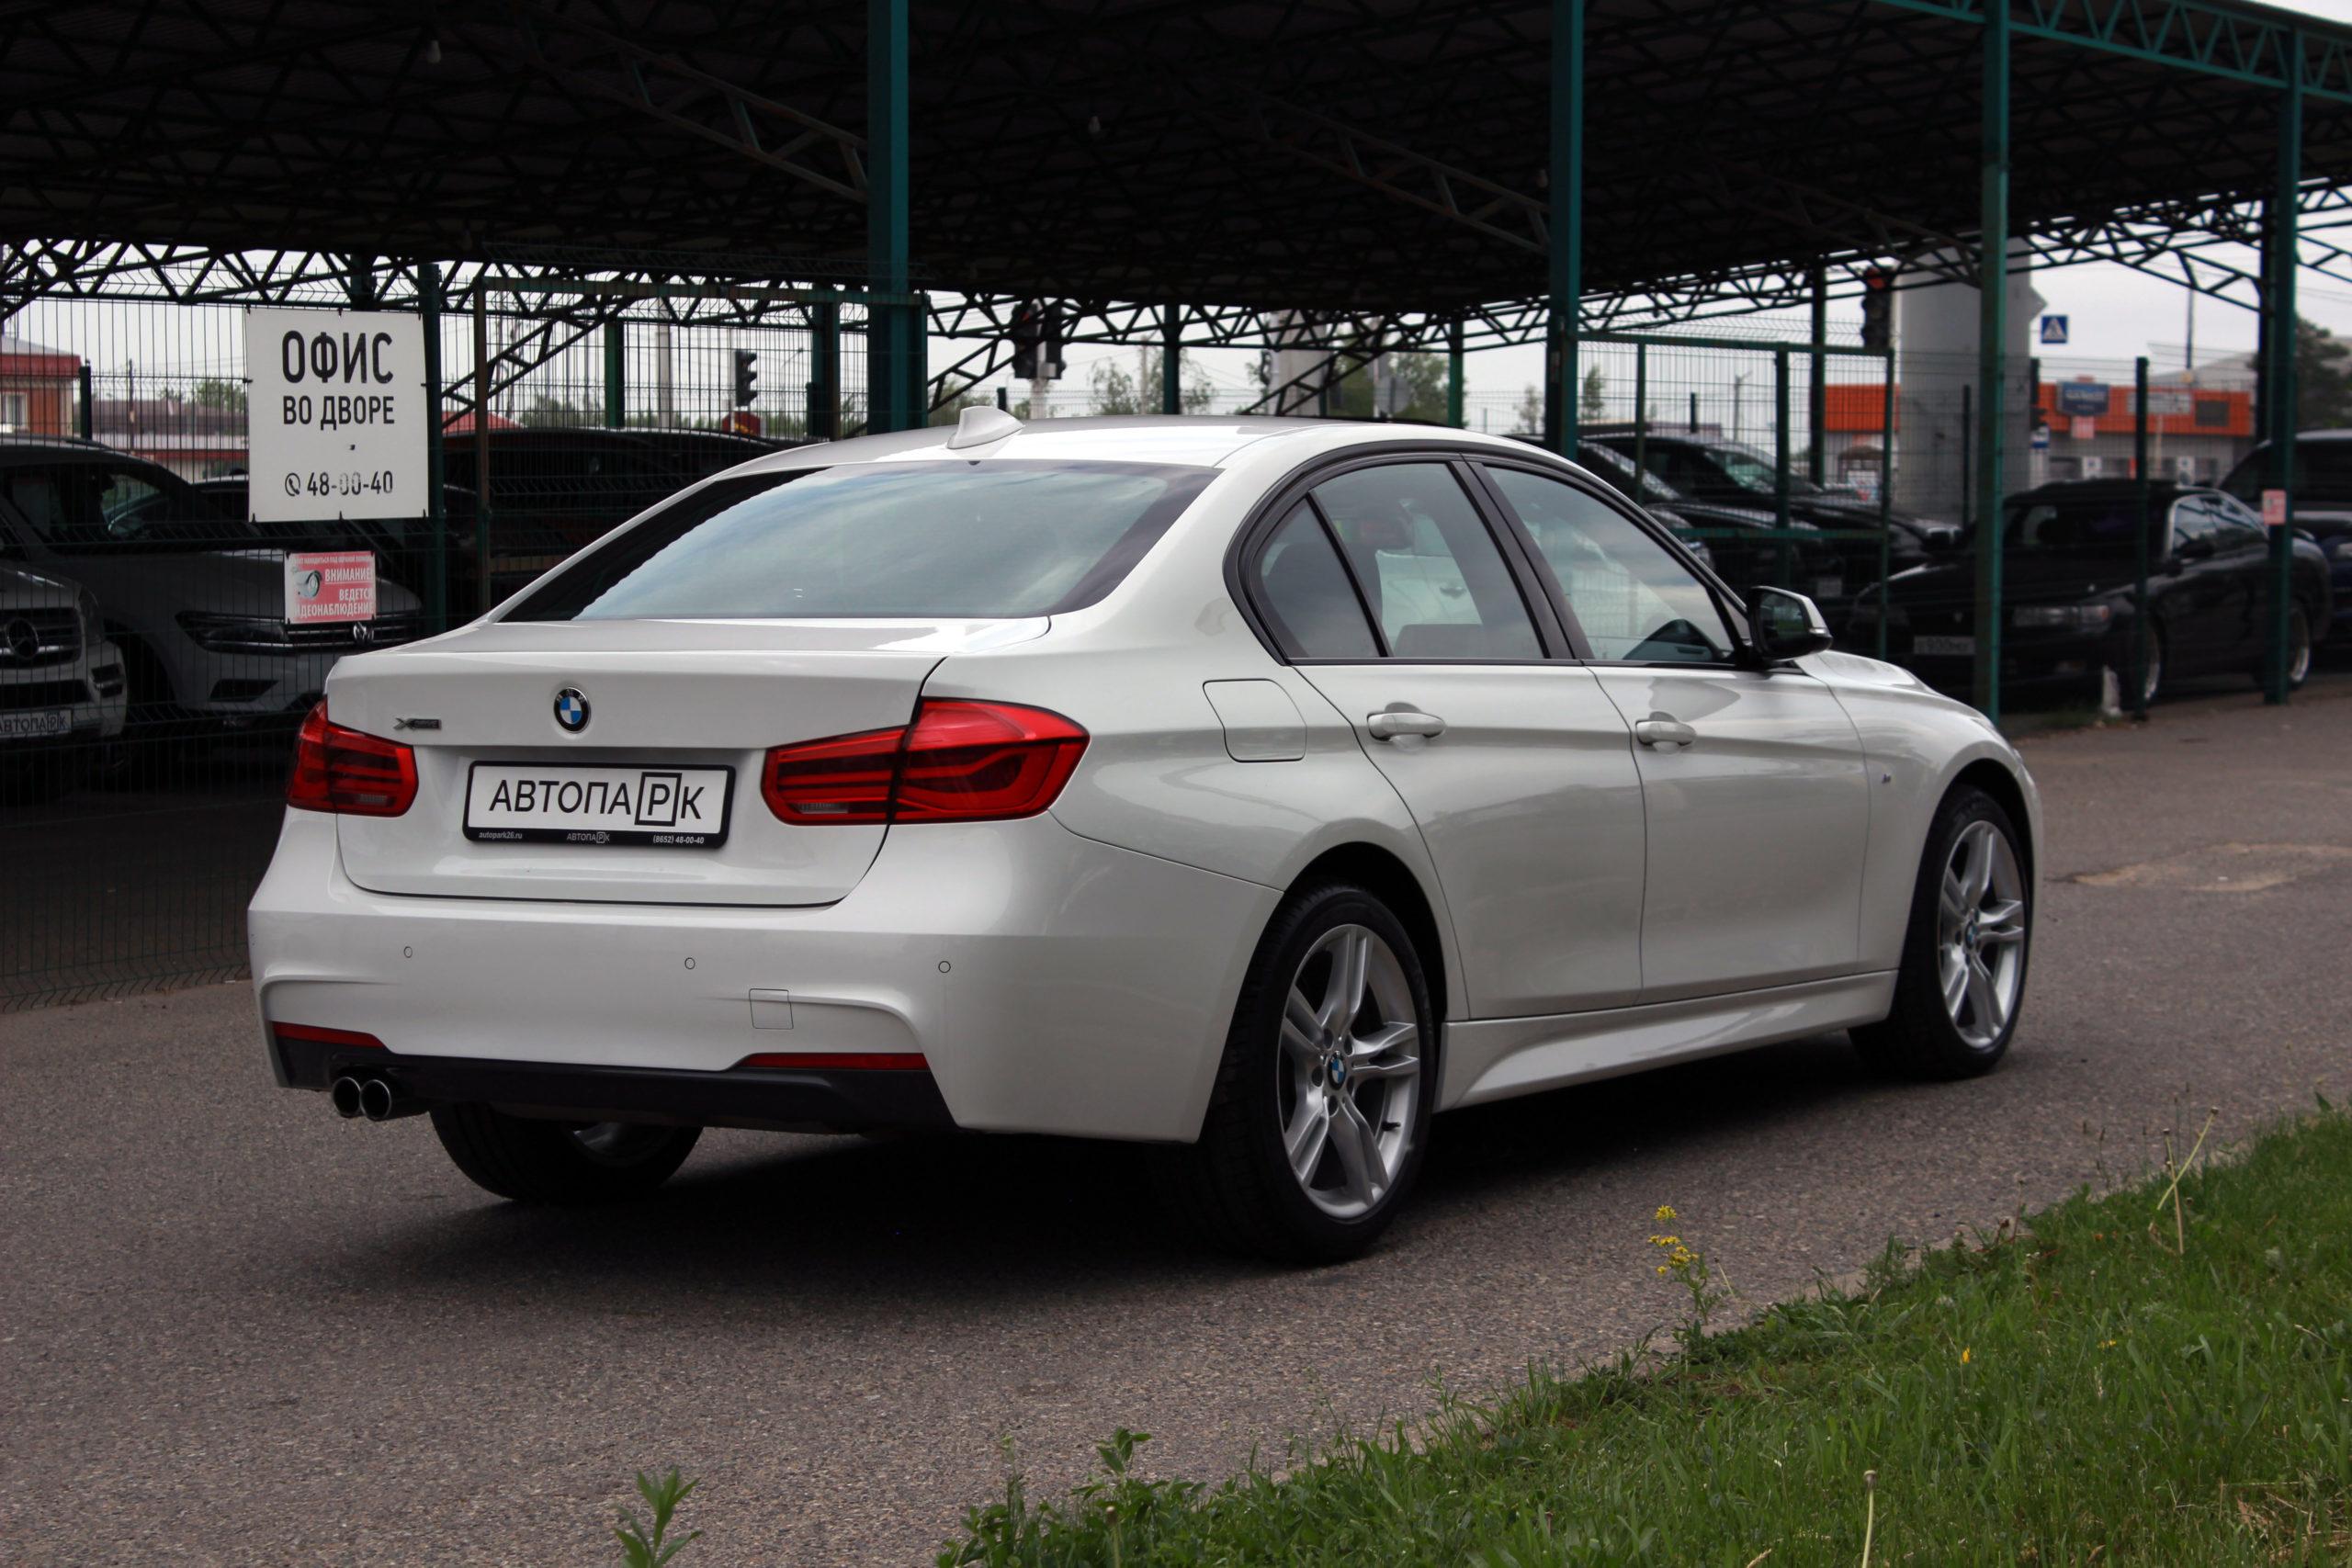 Купить BMW 3 серия (Белый) - Автопарк Ставрополь